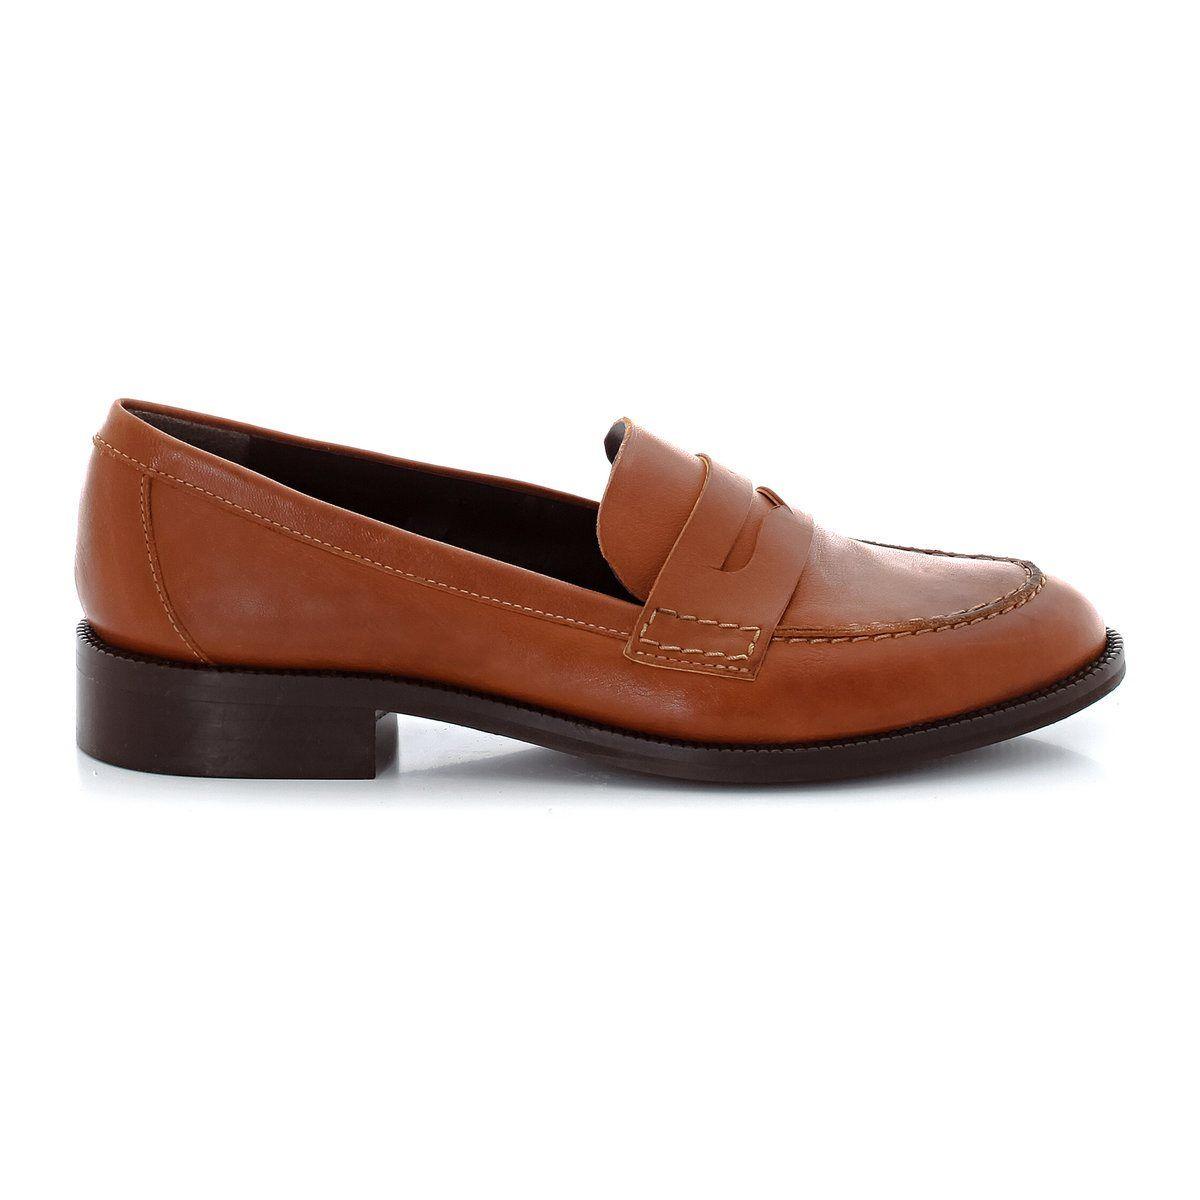 Compre Mocassins em pele estilo vintage Calçado na . . . O 46c707